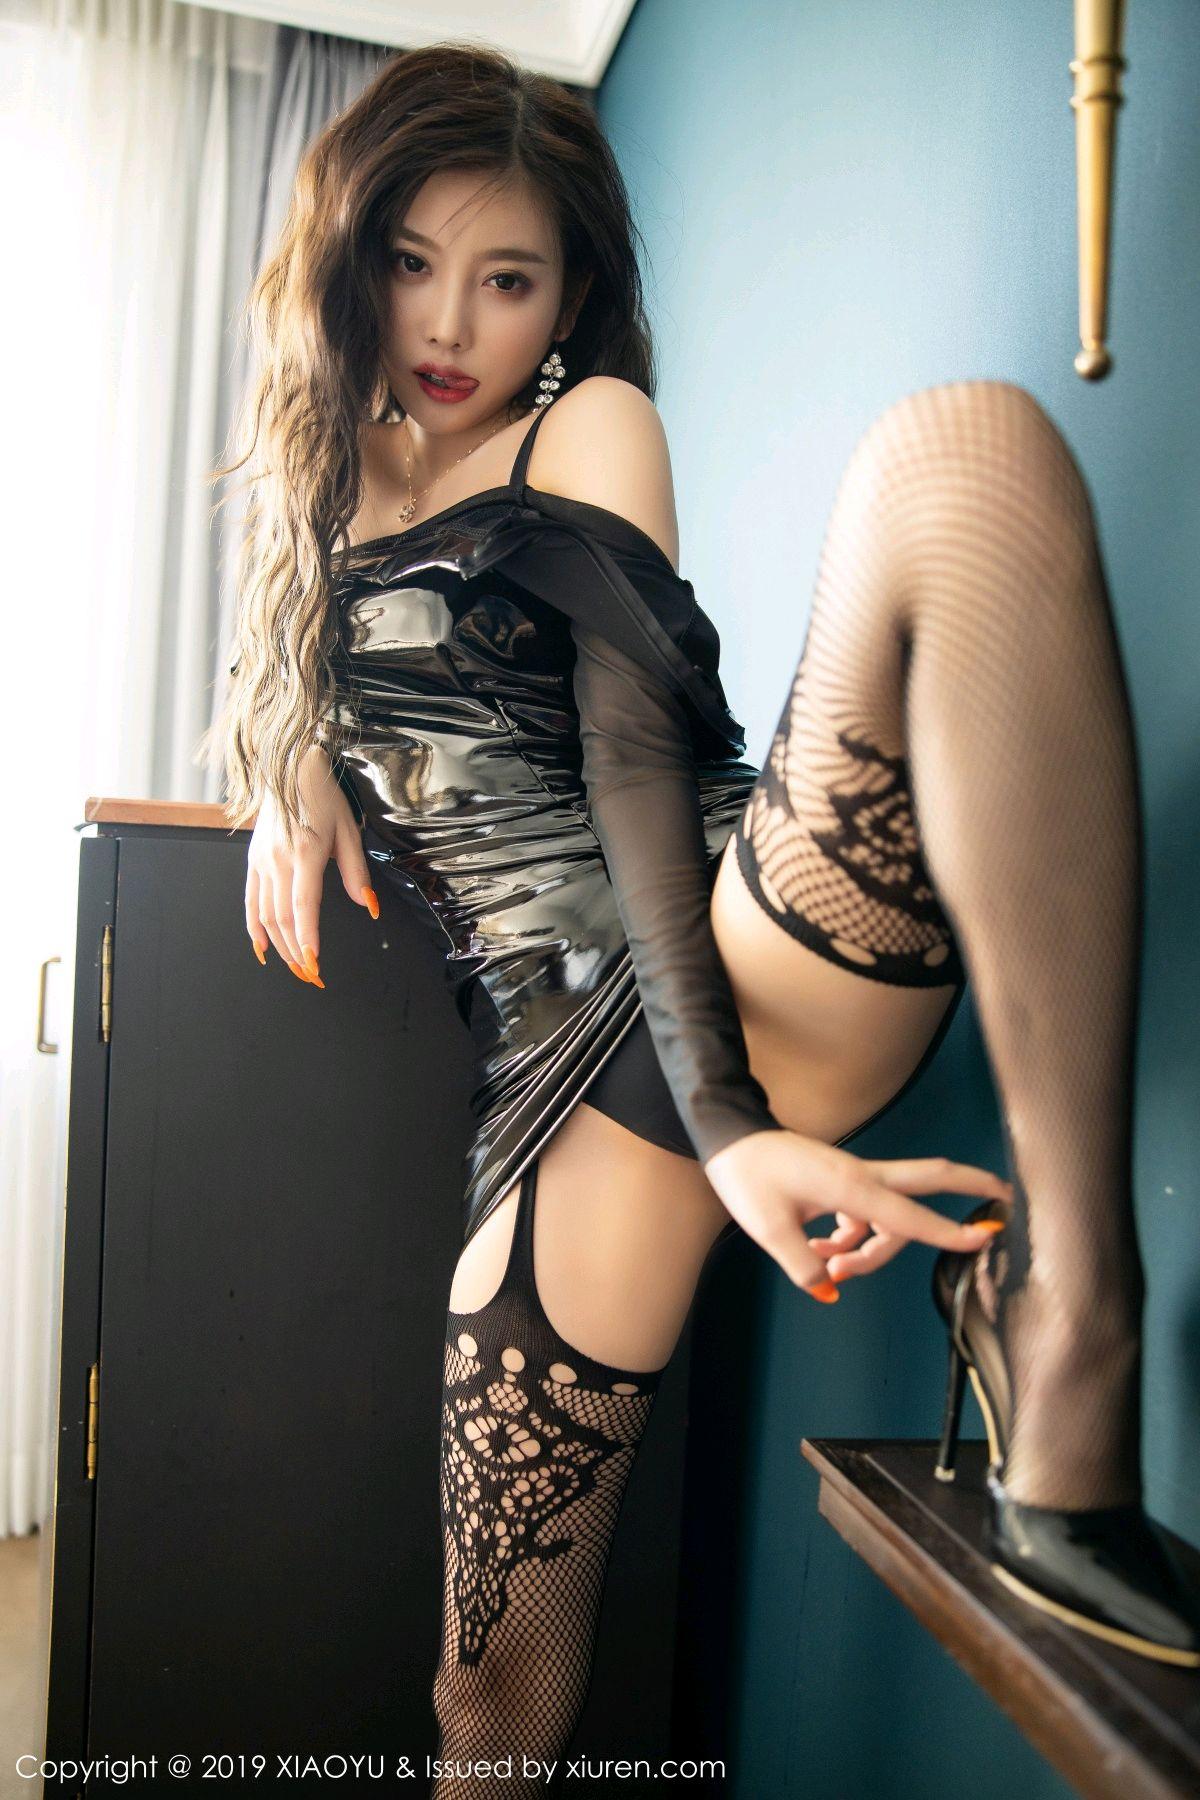 [XiaoYu] Vol.199 Yang Chen Chen 48P, Black Silk, Underwear, XiaoYu, Yang Chen Chen